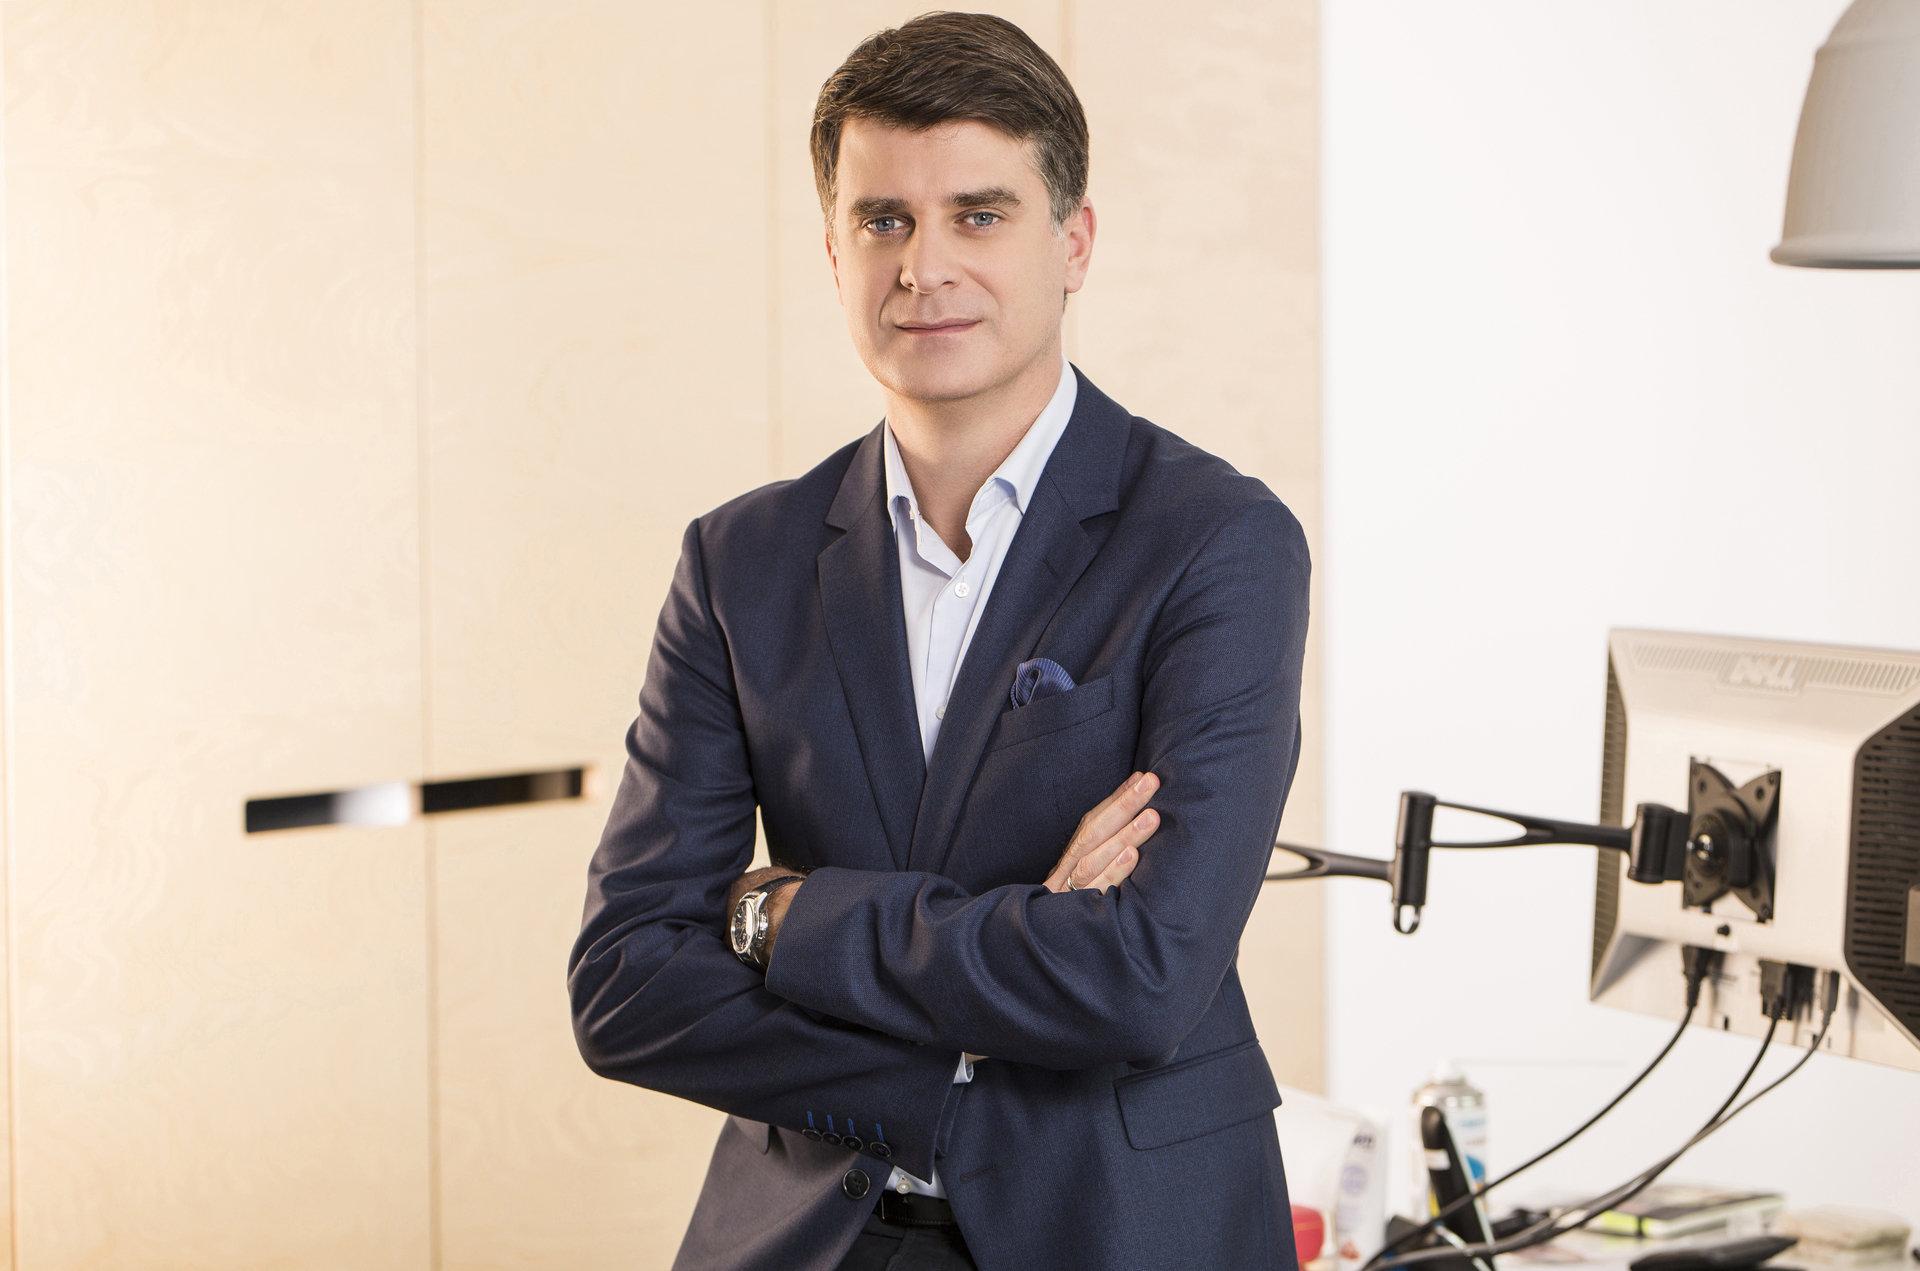 Olgierd Cygan obejmie funkcję lidera Deloitte Digital w Polsce i Europie Środkowej